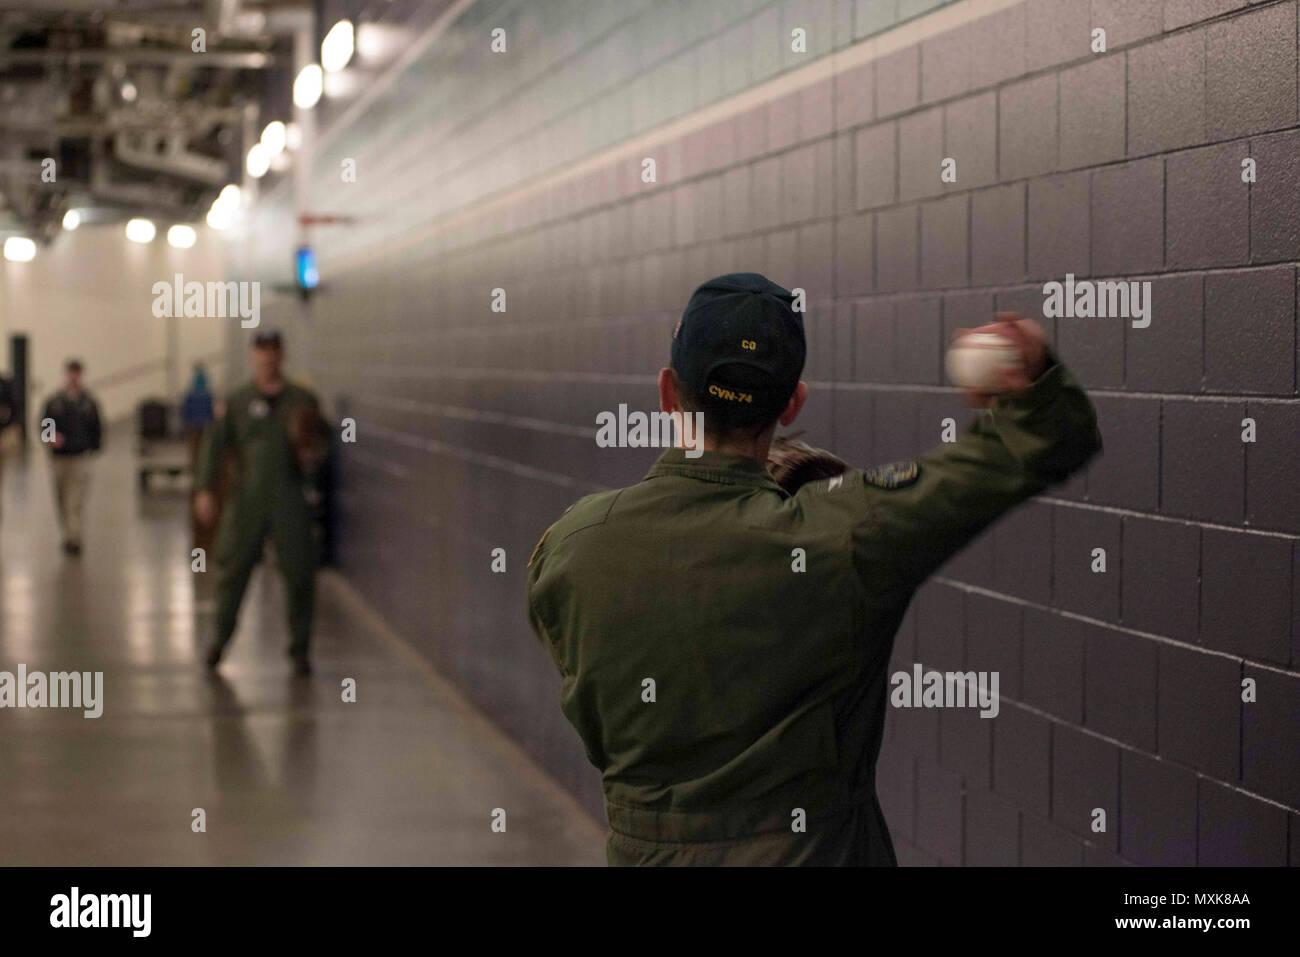 """(5 maggio 2017) Capt. Greg Huffman, USS John C. Stennis' (CVN 74) comandante, si riscalda fino a gettare il cerimoniale di primo passo a Seattle Mariners baseball gioco con il cap. Scott Miller, John C. Stennis' executive officer. Huffman ha gettato fuori il primo passo al Safeco Field come parte di """"John C. Stennis famiglia Notte"""" ospitato dai marinai e John C. Stennis' Morale, il benessere e la ricreazione del reparto. John C. Stennis sta conducendo una prevista disponibilità incrementale (PIA) a Puget Sound Naval Shipyard e Manutenzione intermedia Facility, durante il quale la nave sta subendo maintena pianificata Immagini Stock"""